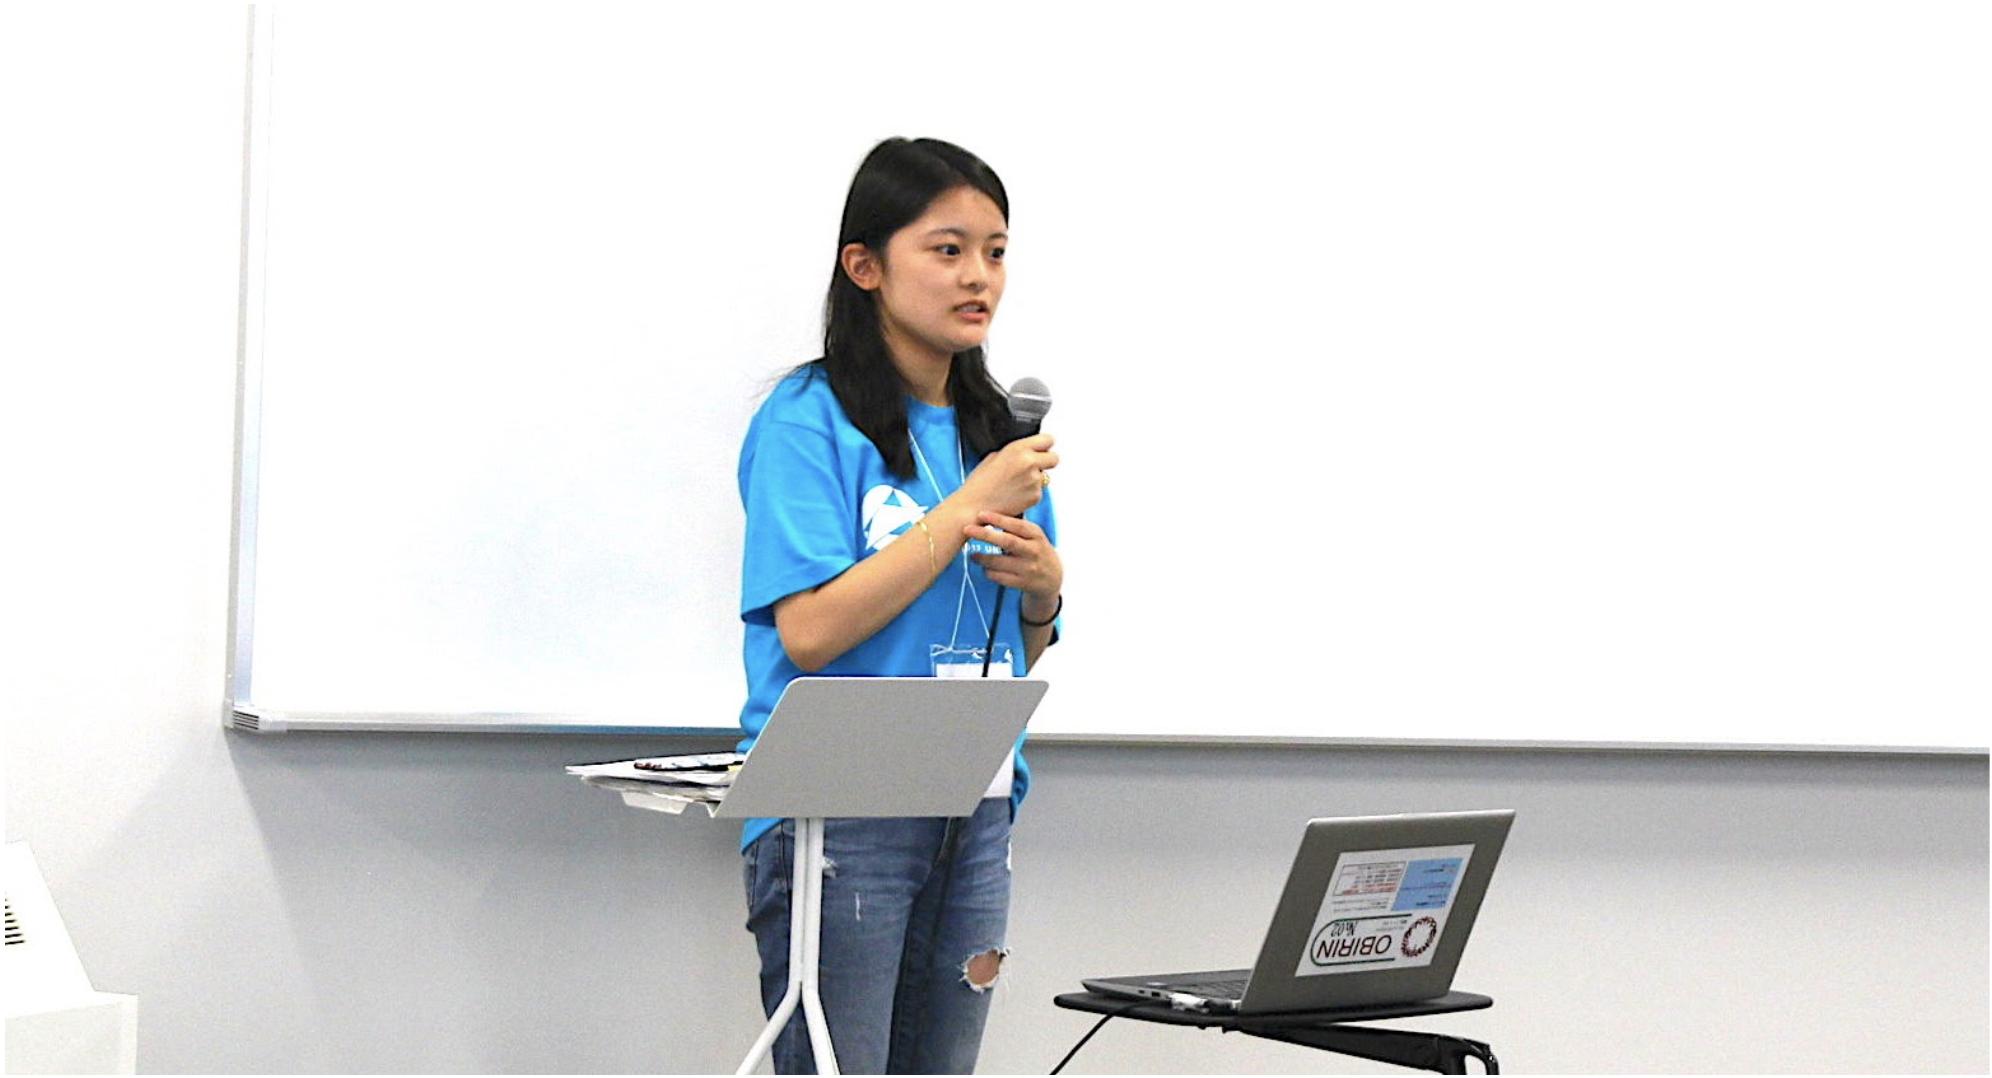 楽しさの追体験と高校生が意見を言う場を作りたい。SDGsワークショップを開催した太田美風さんの軌跡